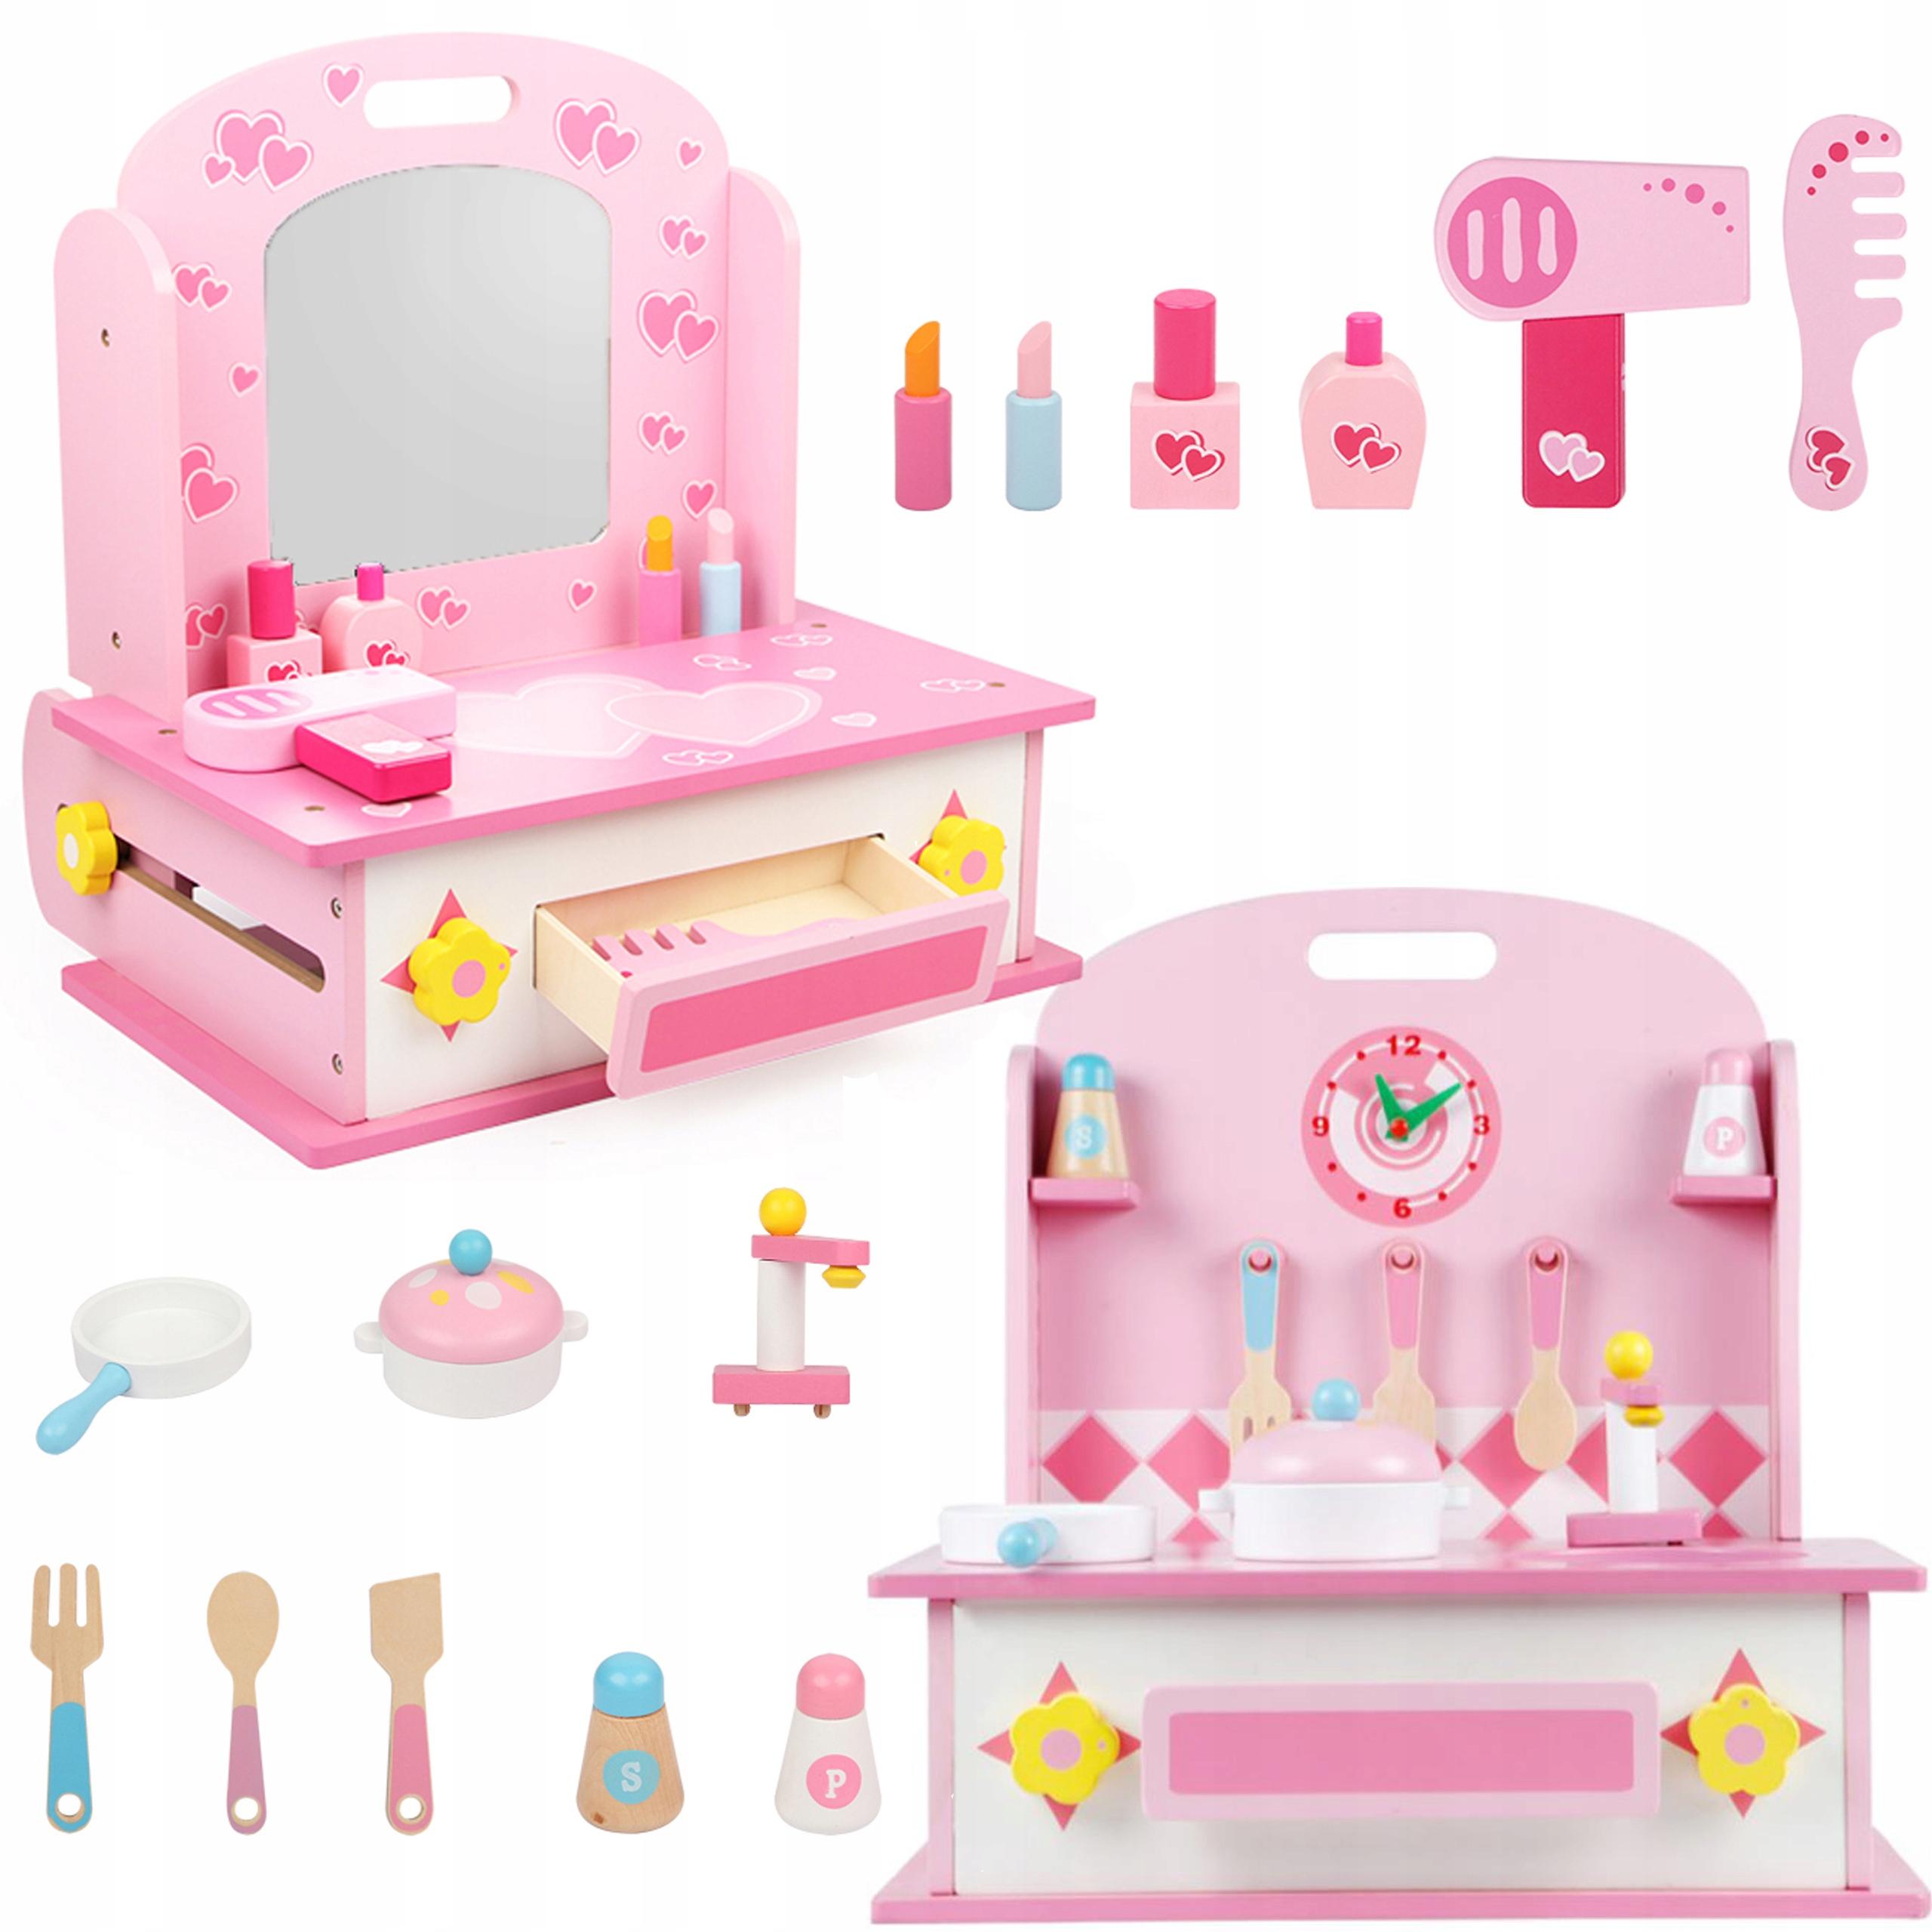 DREVENÁ toaletná kuchynka pre dievča 2v1 610